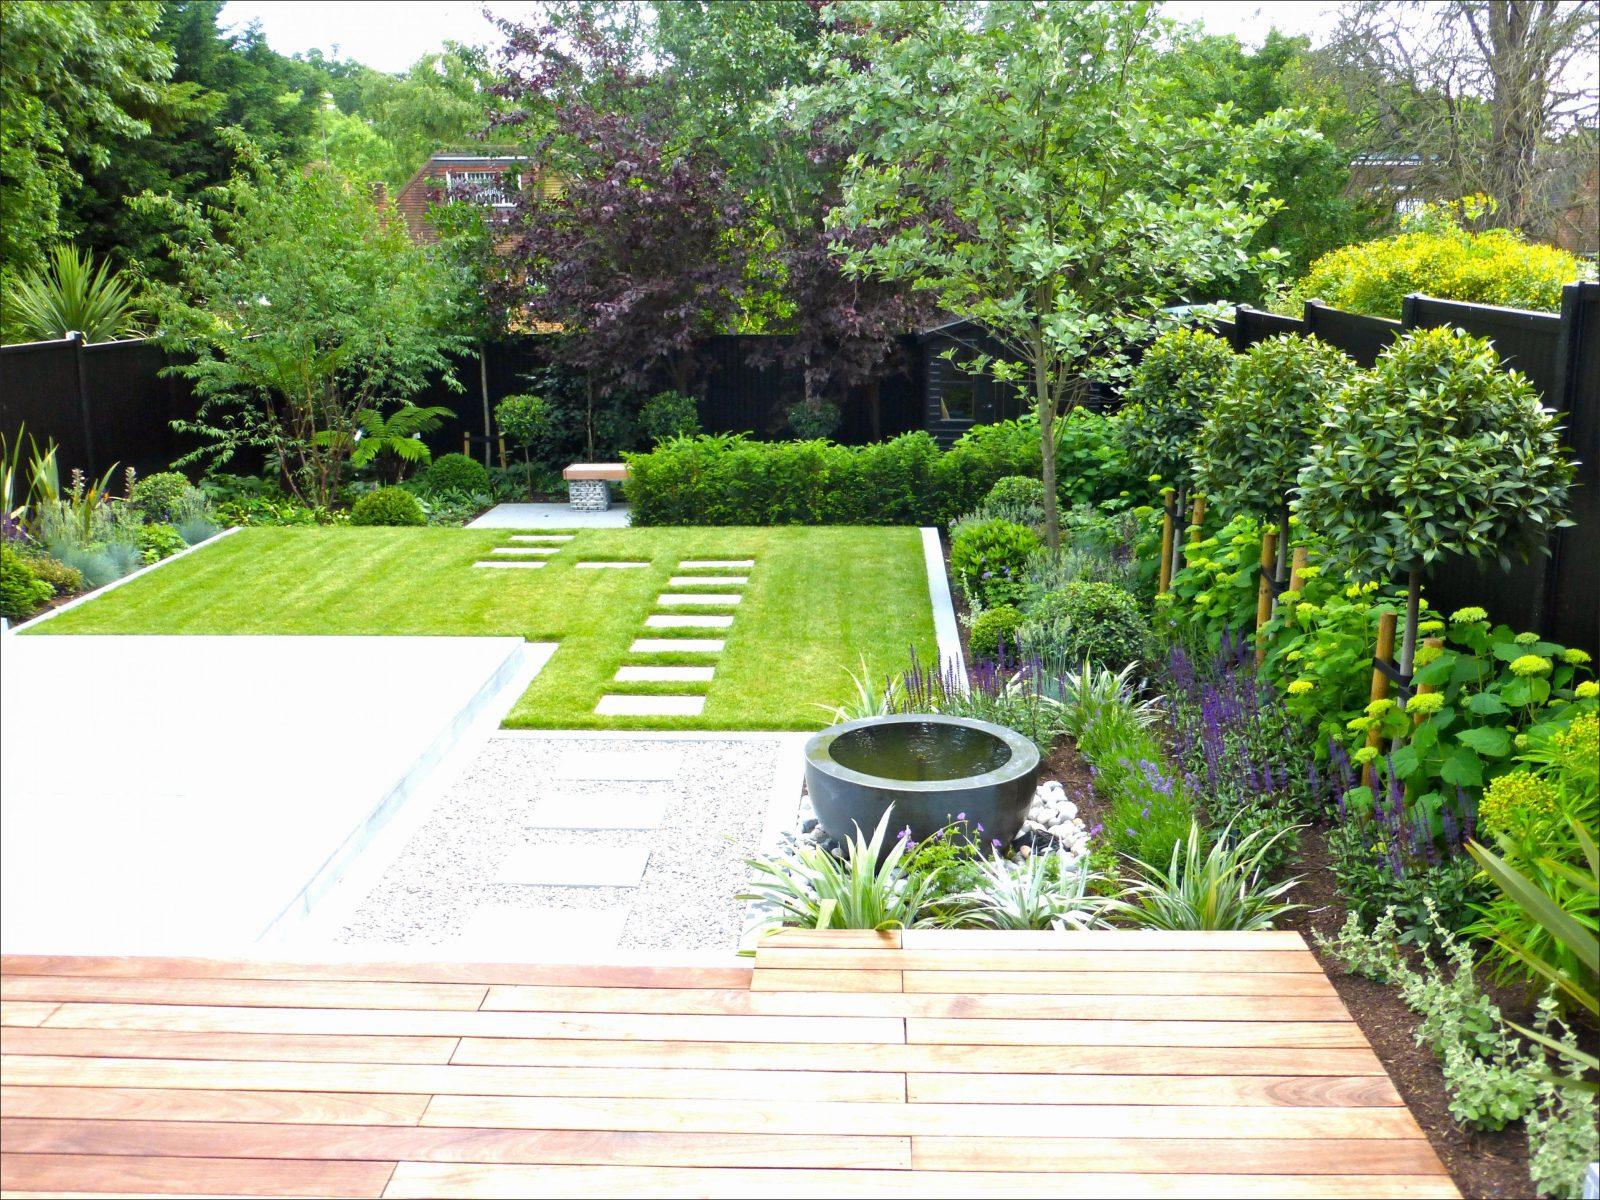 Wohnideen  Garten Gestalten Mit Wenig Geld Zusammen Schön Schön von Garten Gestalten Mit Wenig Geld Bild